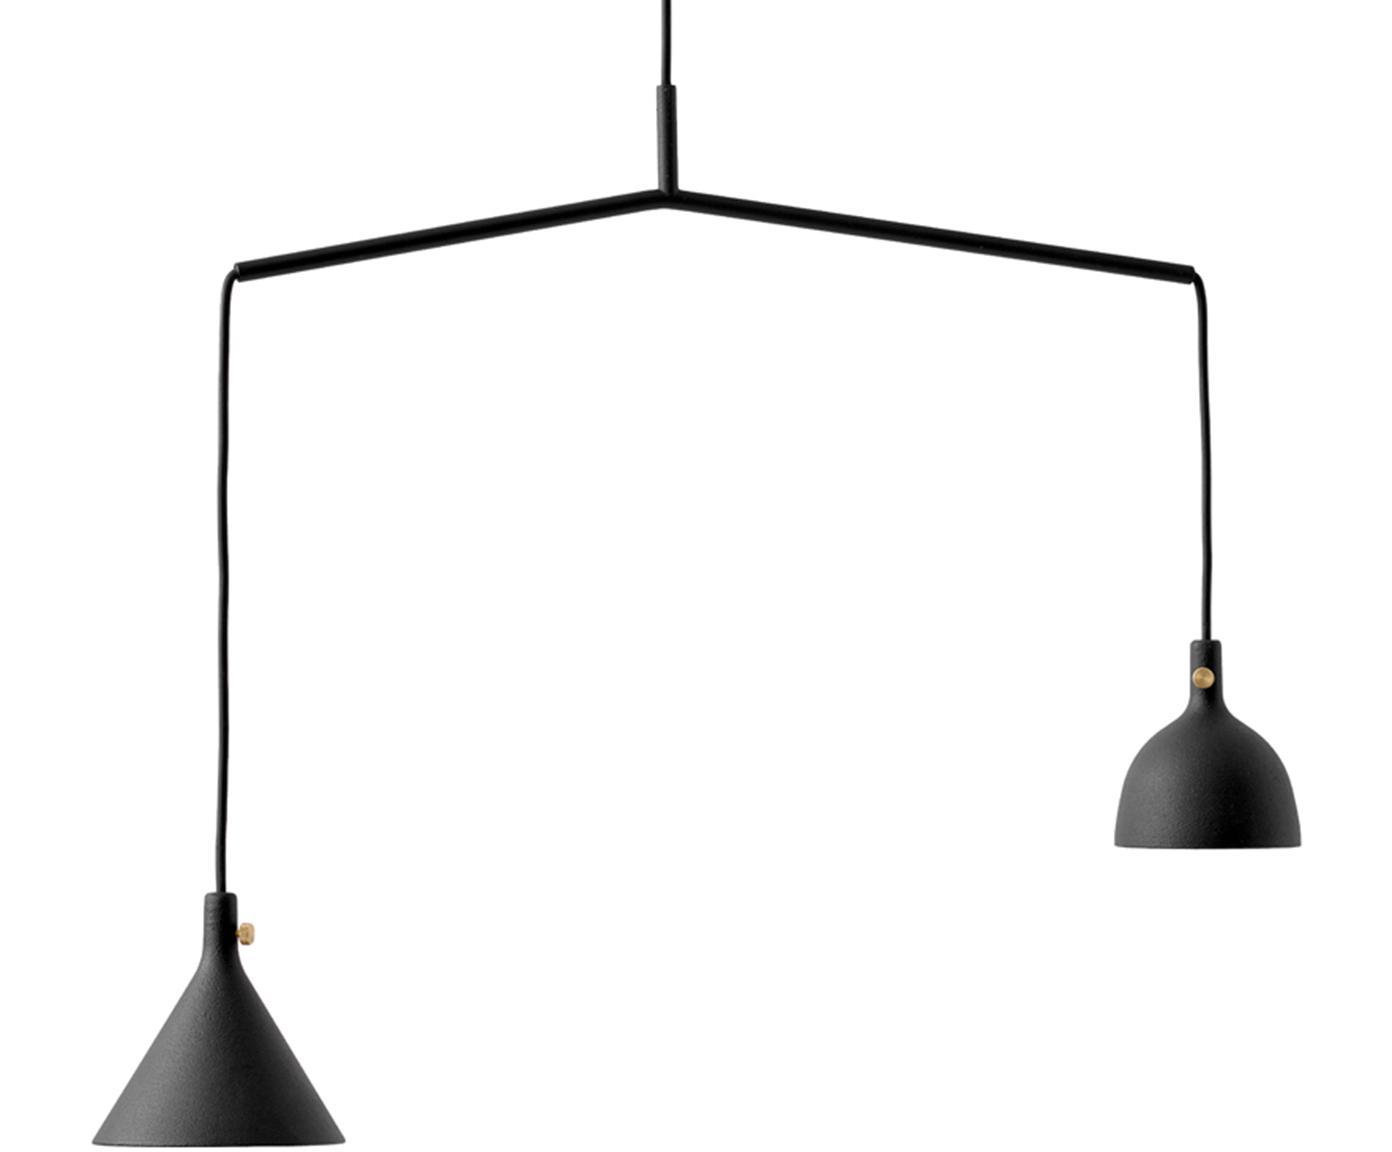 Lampa wisząca Cast, Czarny, S 66 cm x W 432 cm